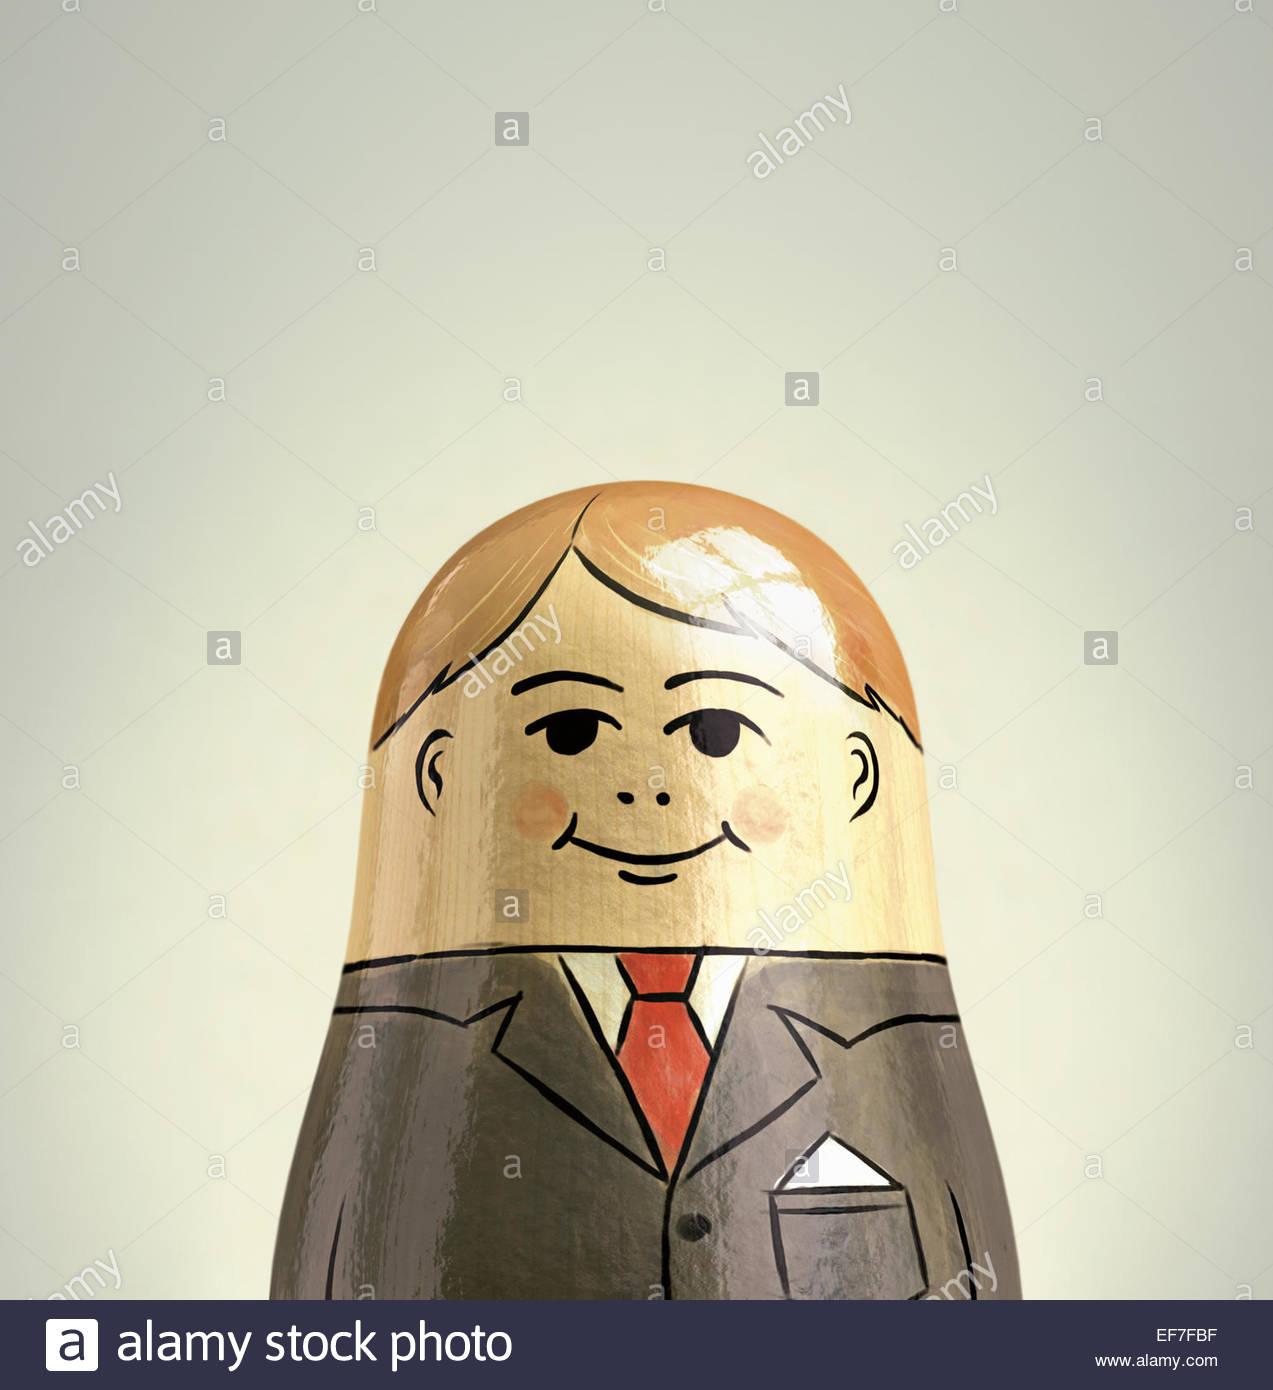 Empresario sonrientes muñeco de anidamiento Foto de stock